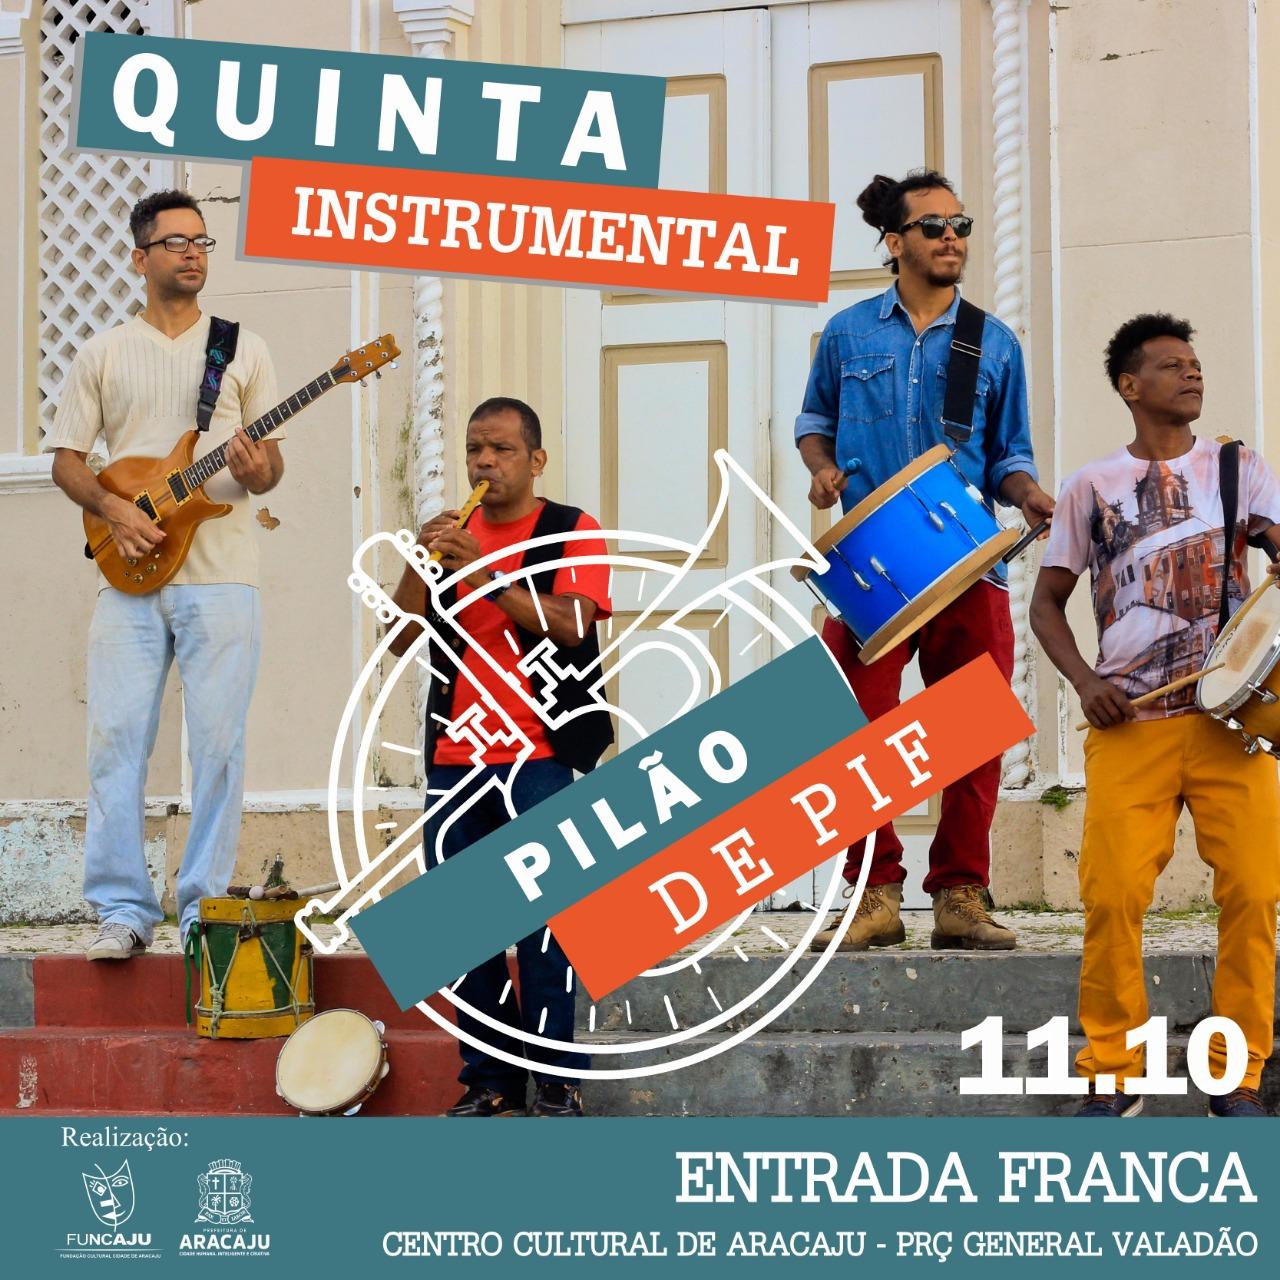 Pilão de Pif promete uma apresentação cultural diferente na noite do Quinta Instrumental